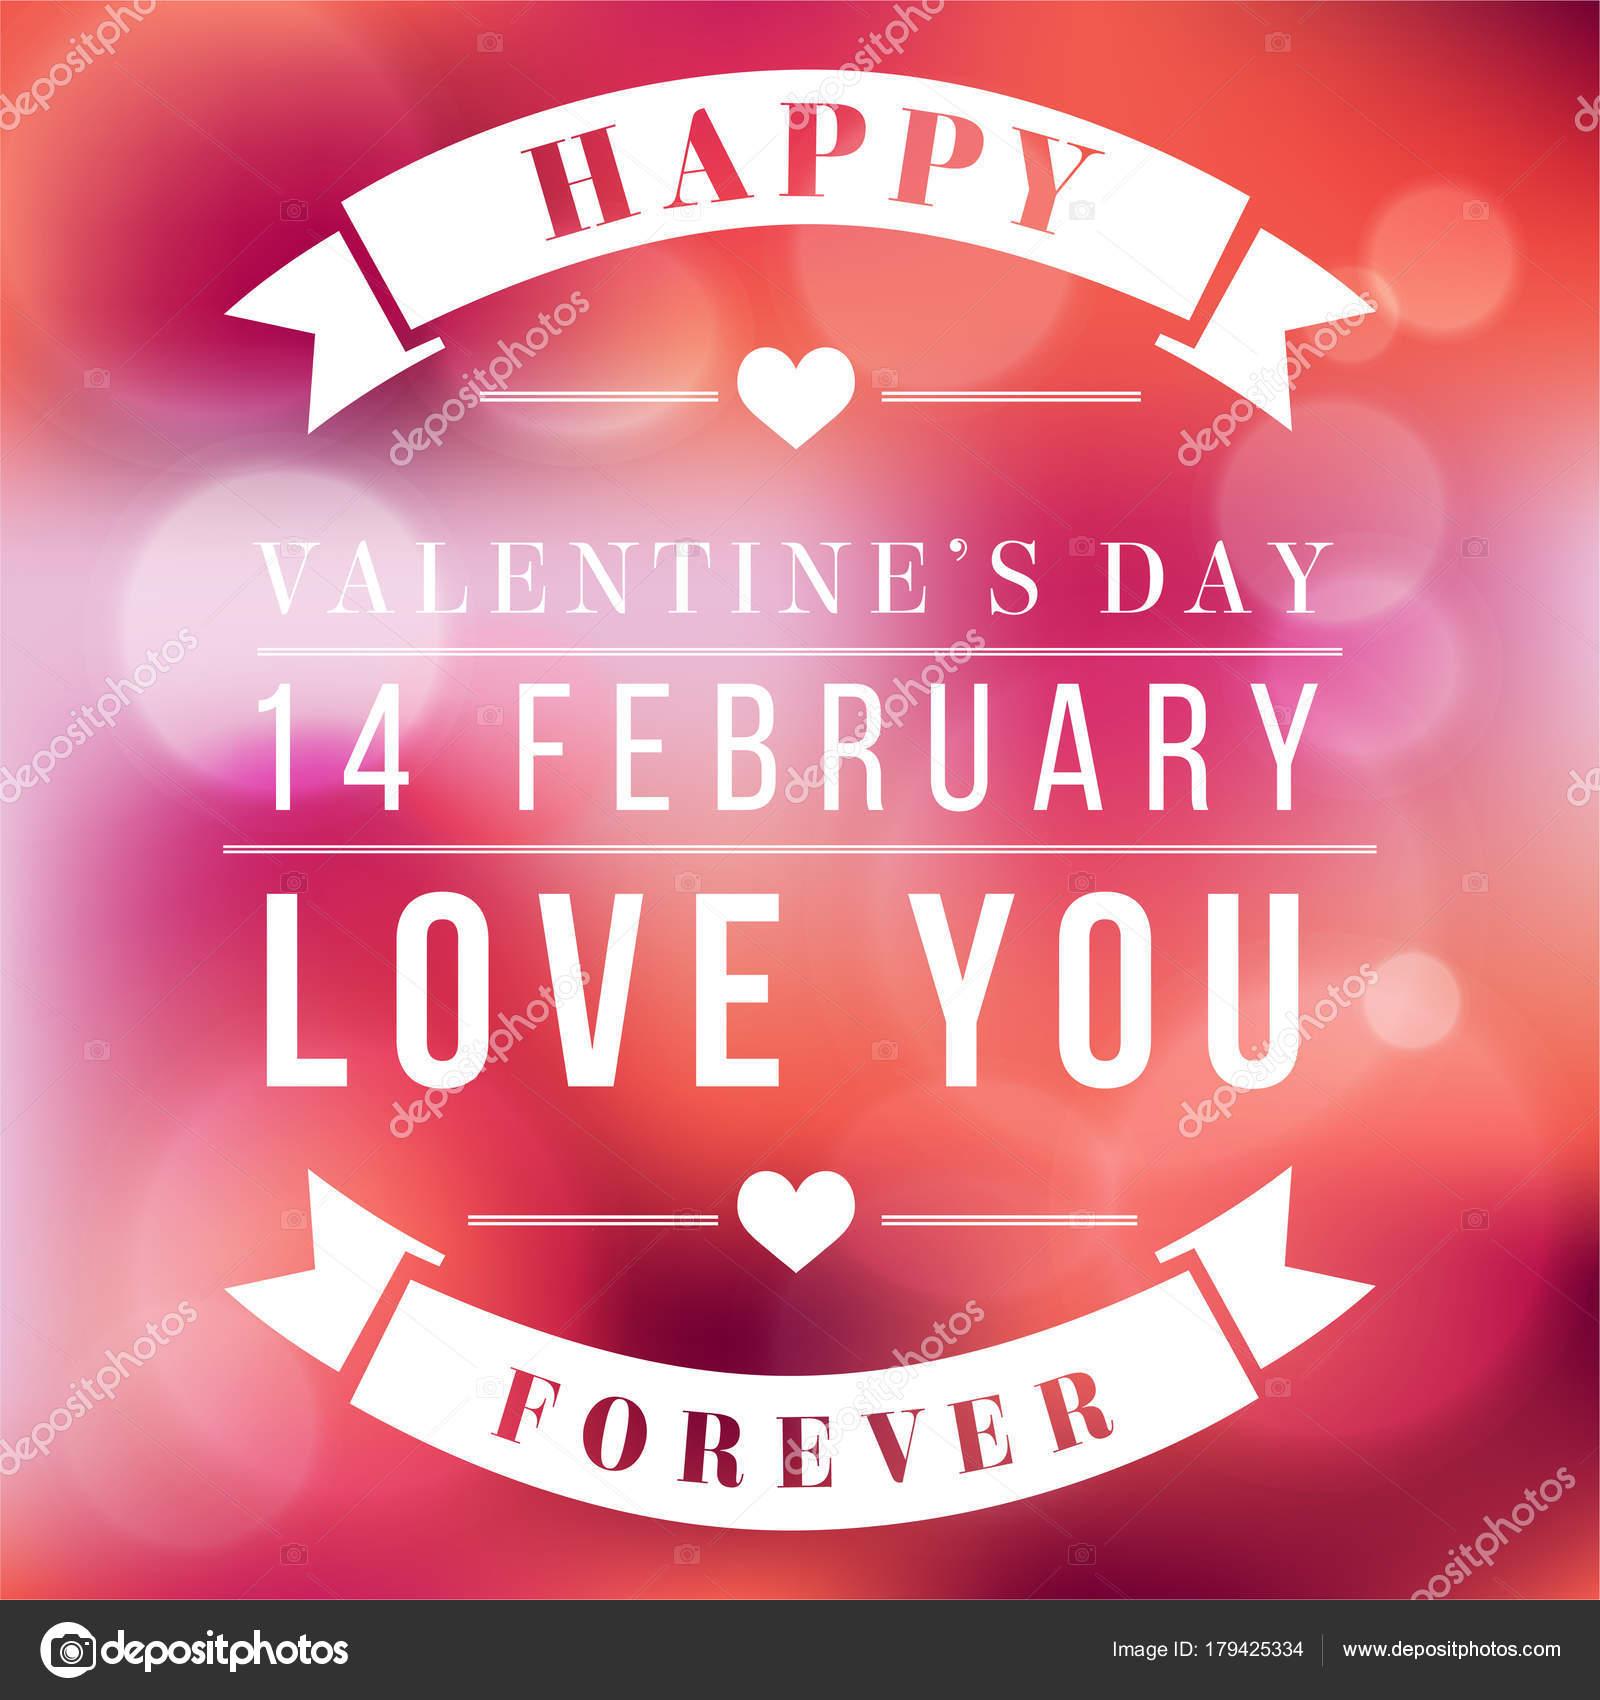 Dag Van De Valentijnskaart Love You Forever Vector Image